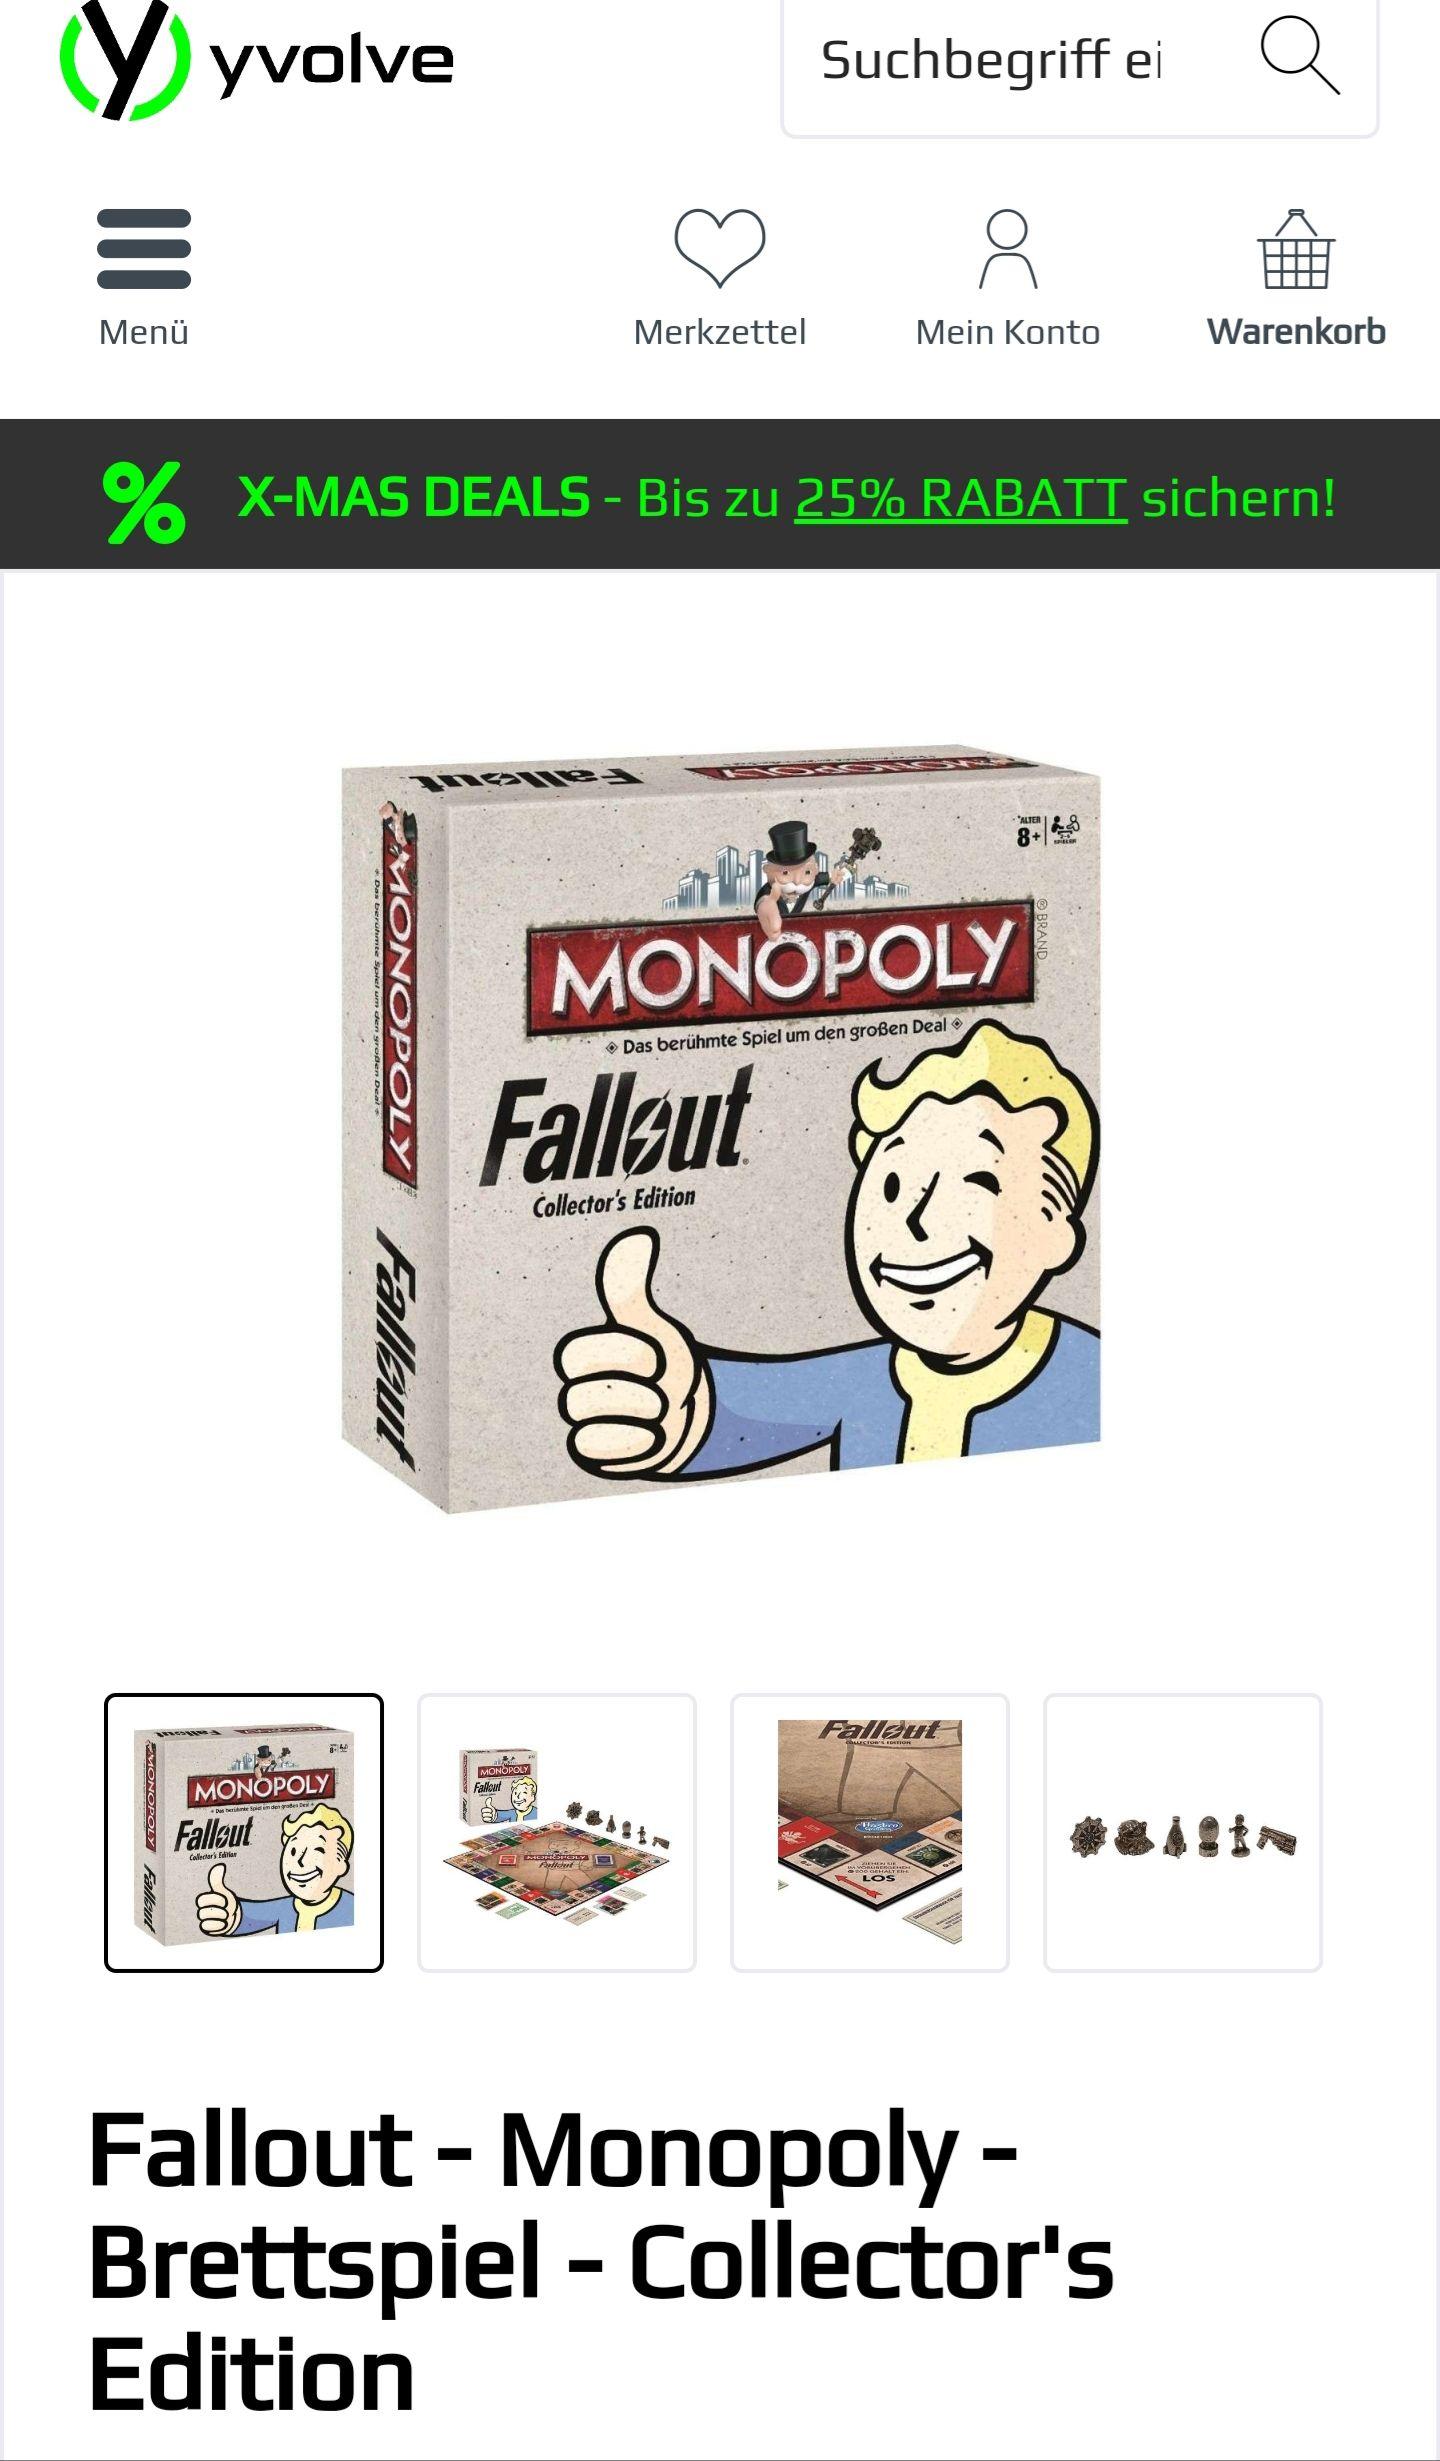 [Yvolve.de] Fallout Monopoly